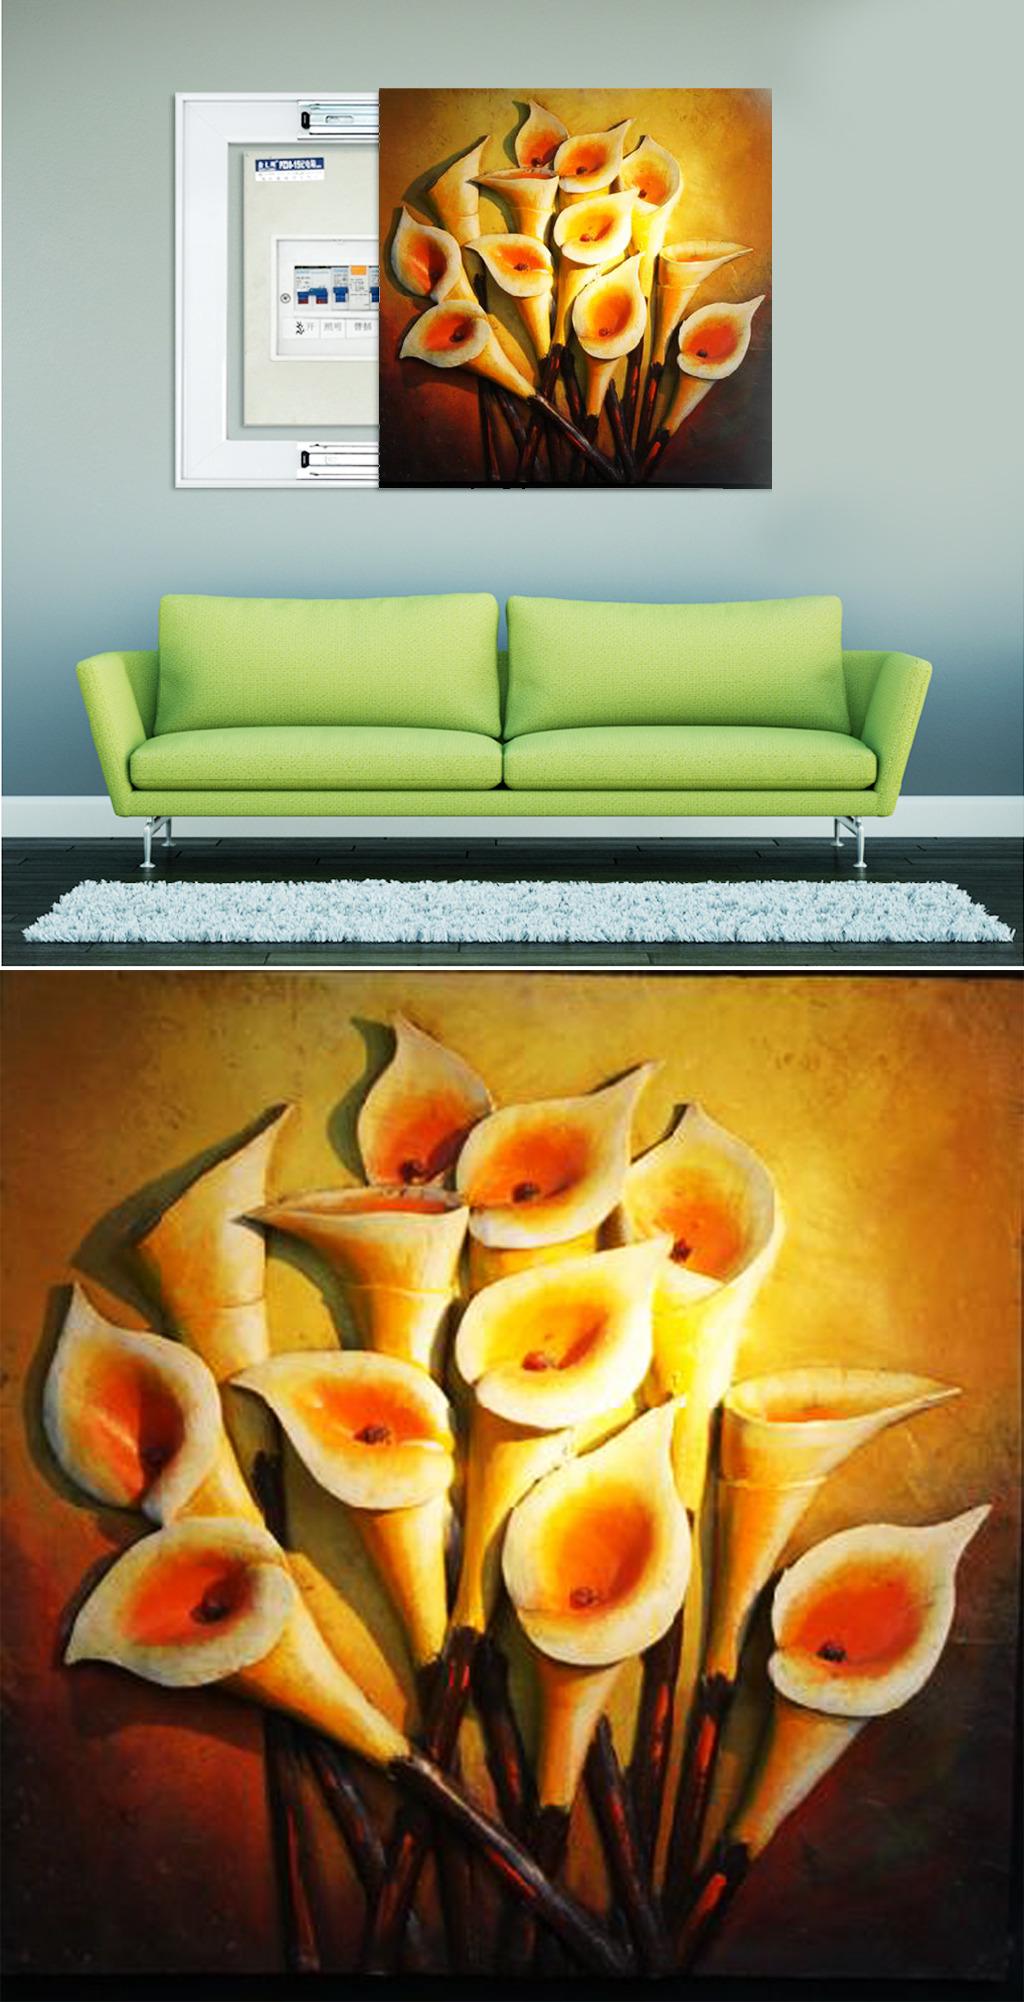 欧式浮雕油画装饰画背景墙图片下载